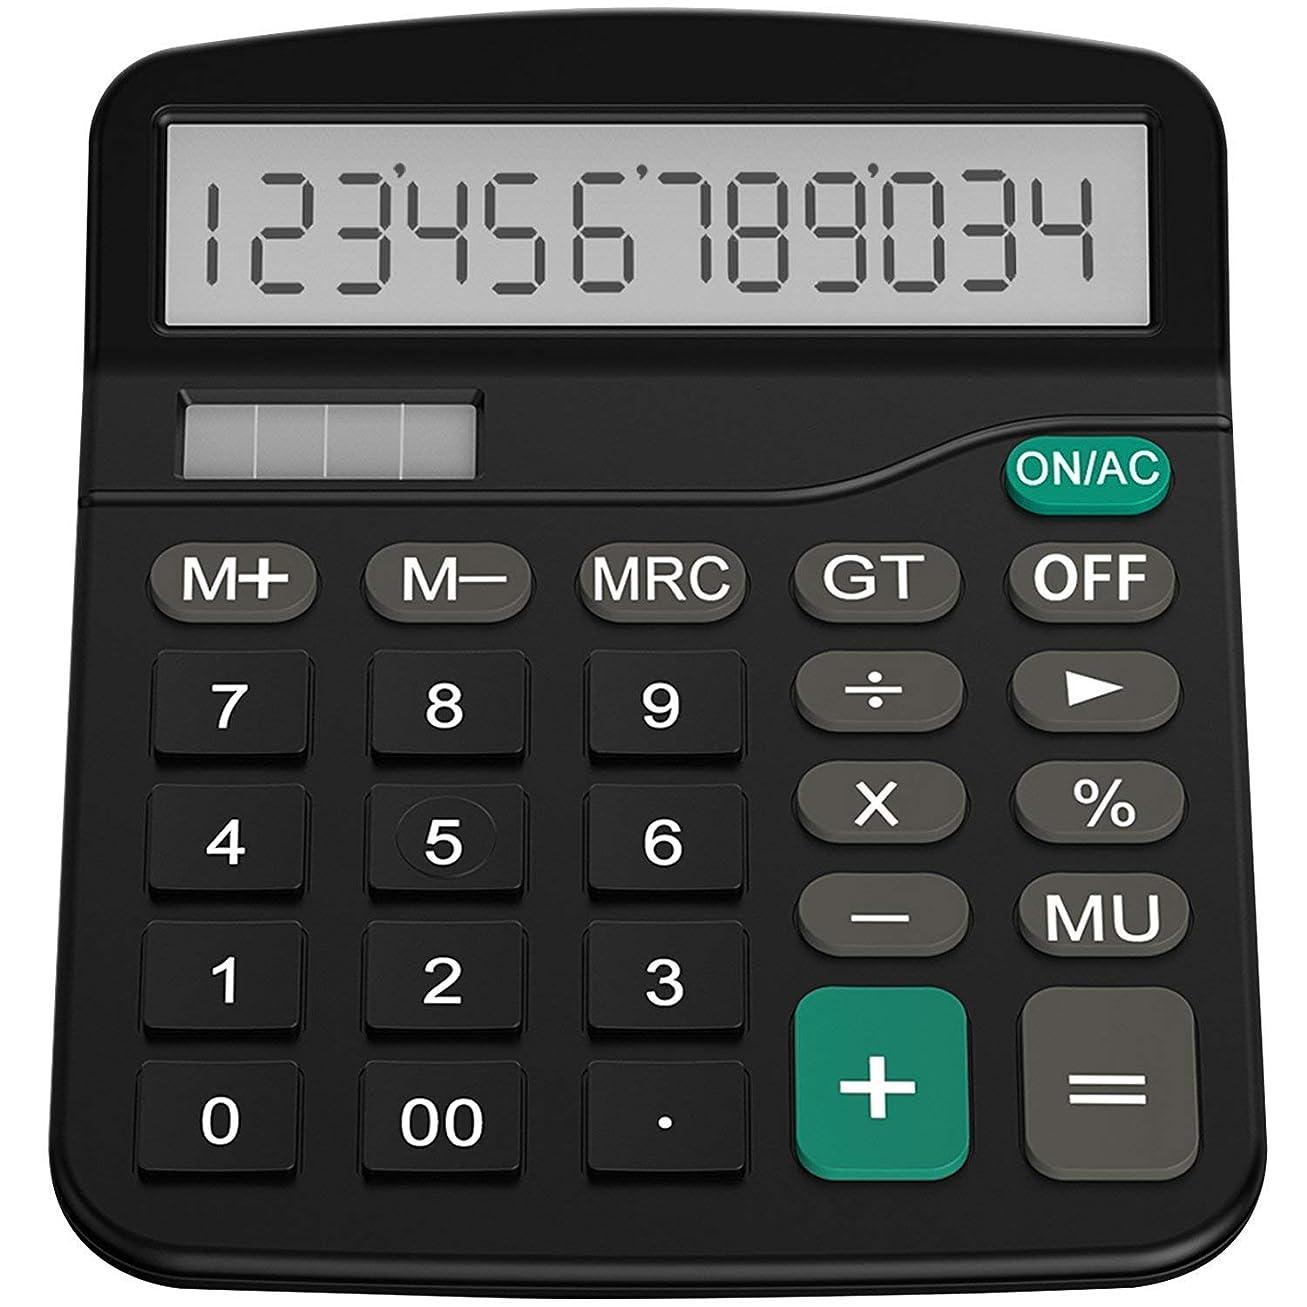 防腐剤スティーブンソン知的Ubidda 電卓 標準機能 電子計算機 12桁 大型液晶ディスプレイ 日常的または基本的なオフィスに ブラック